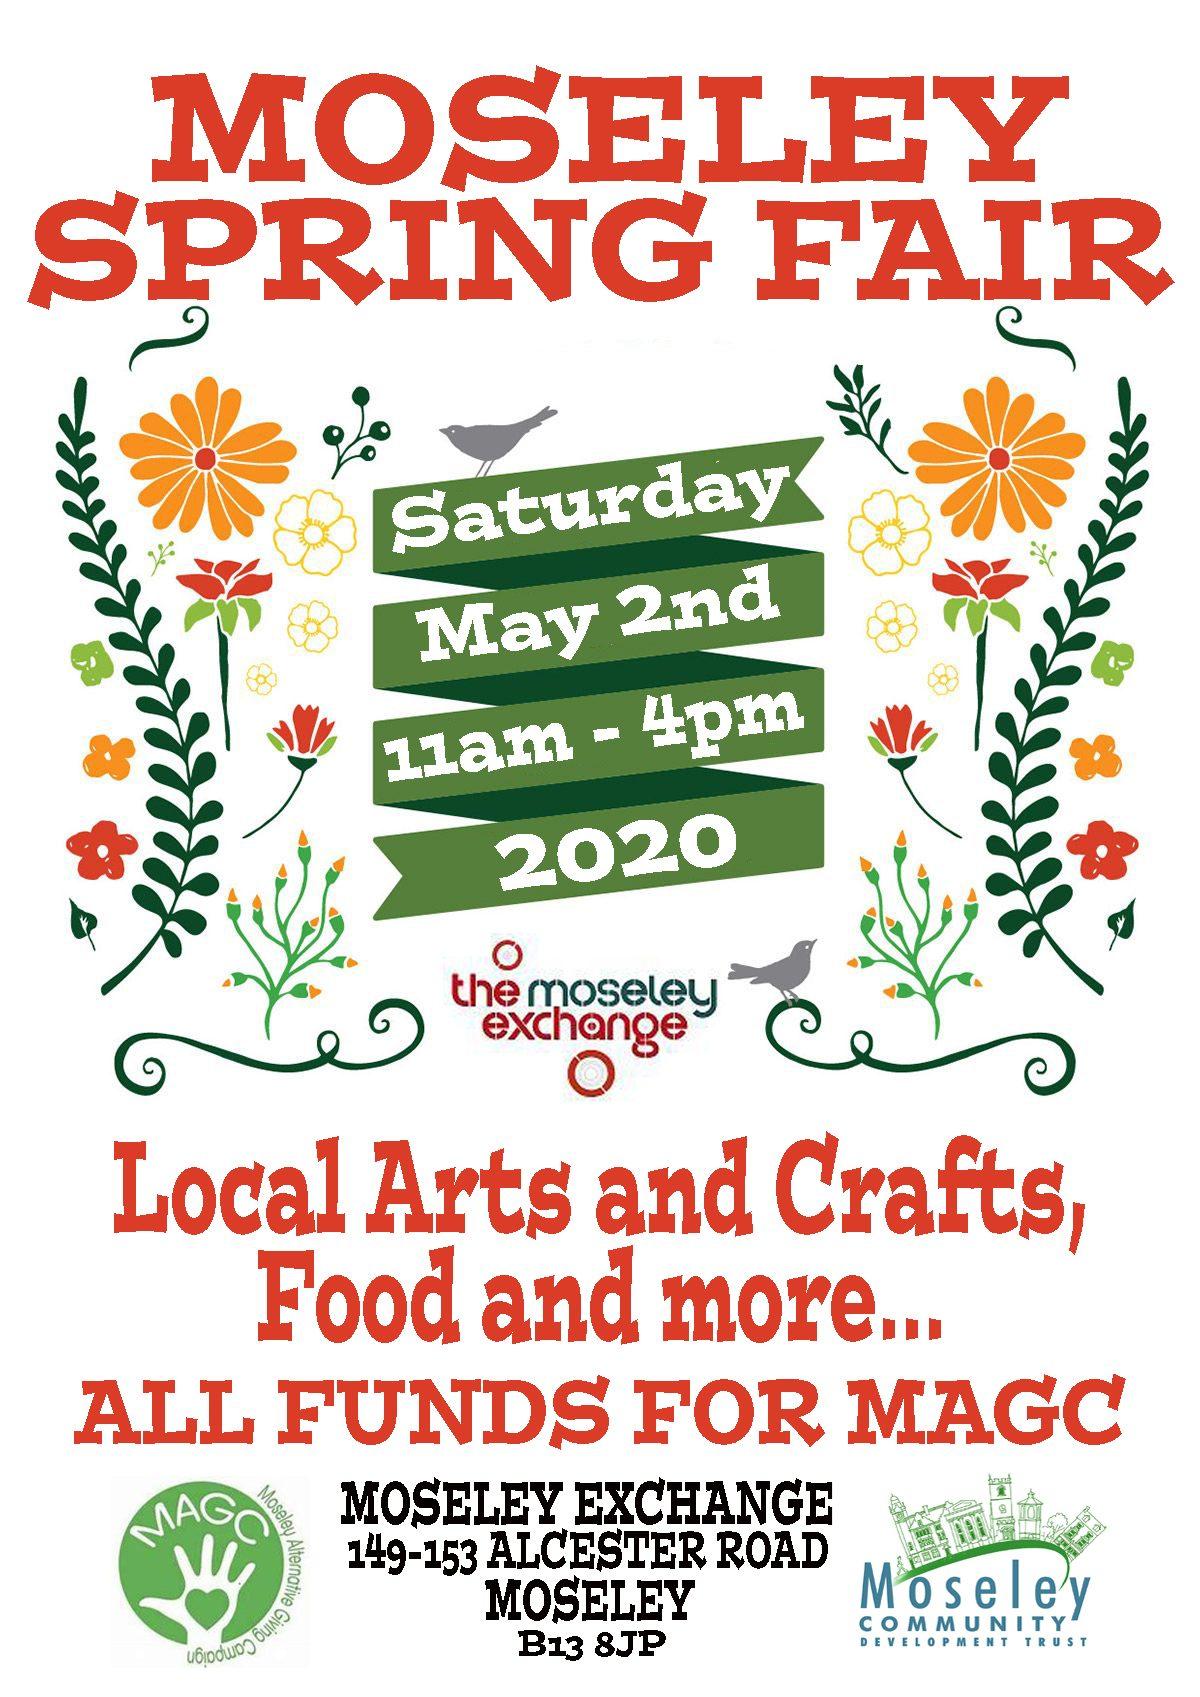 Moseley Spring Fair